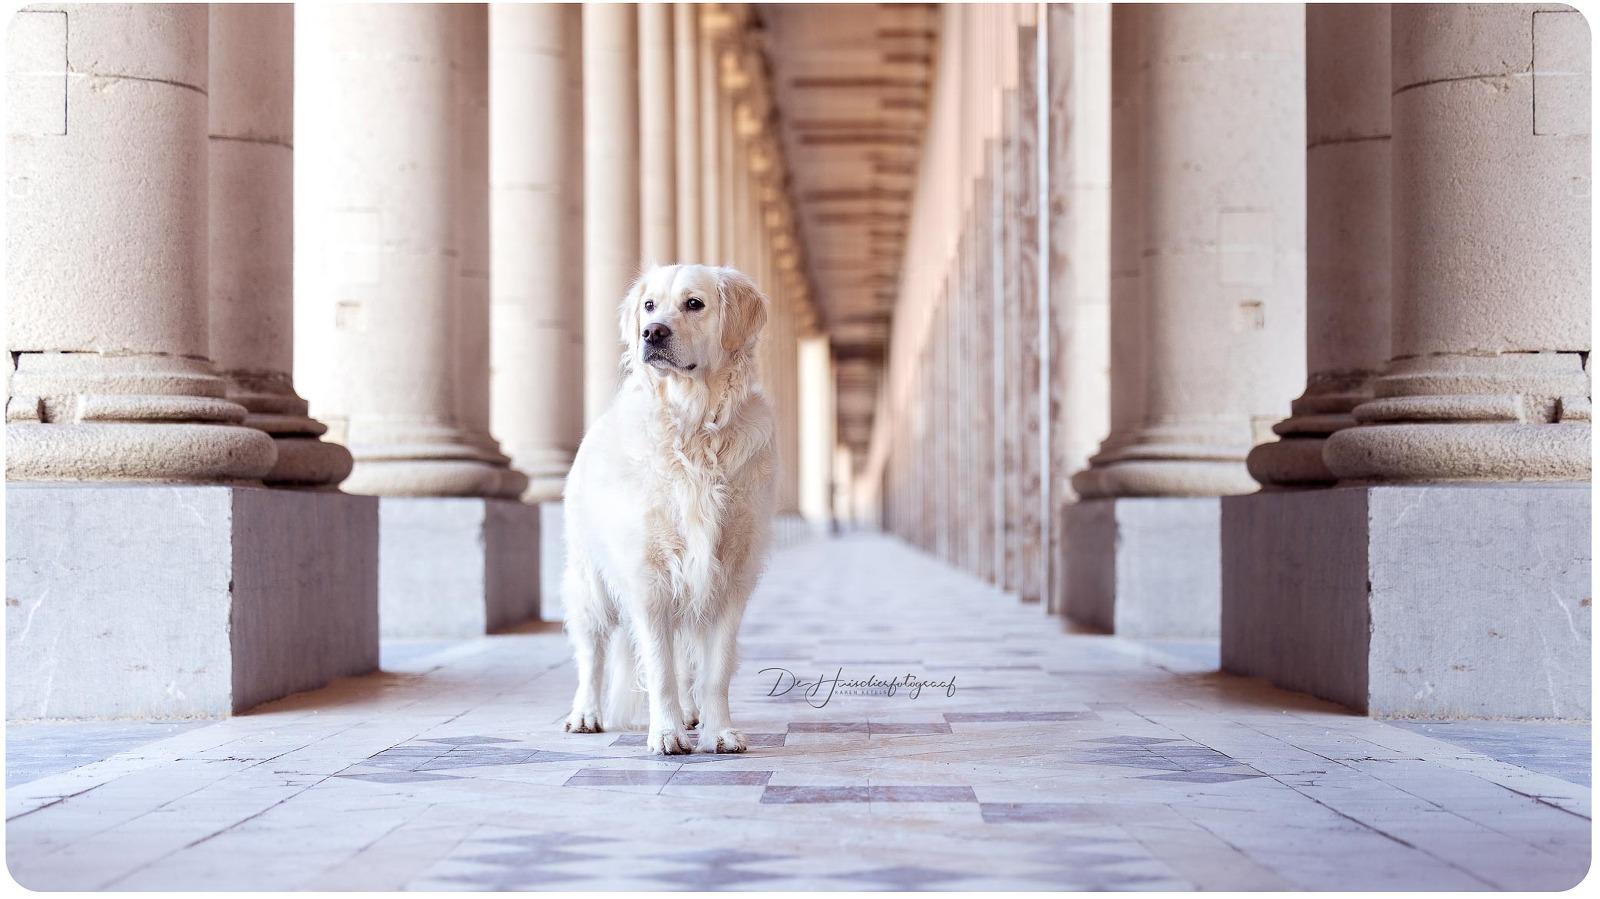 portret van Hebe, de golden retriever van De Huisdierfotograaf